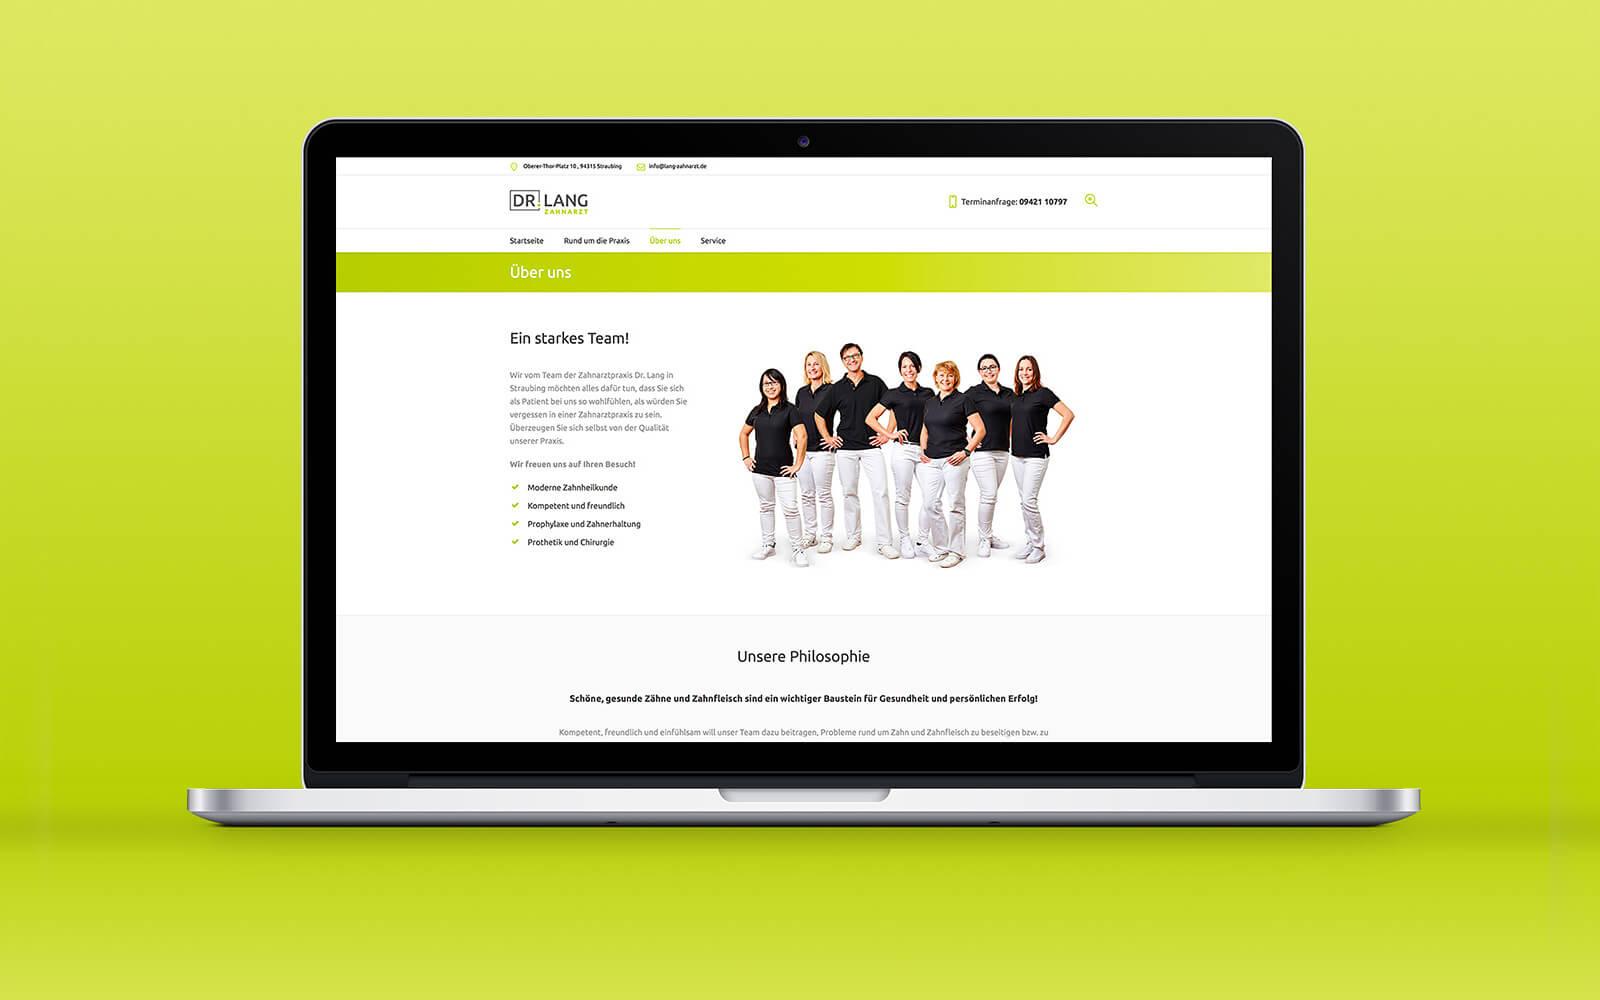 Zahnarzt Dr. Lang – Website